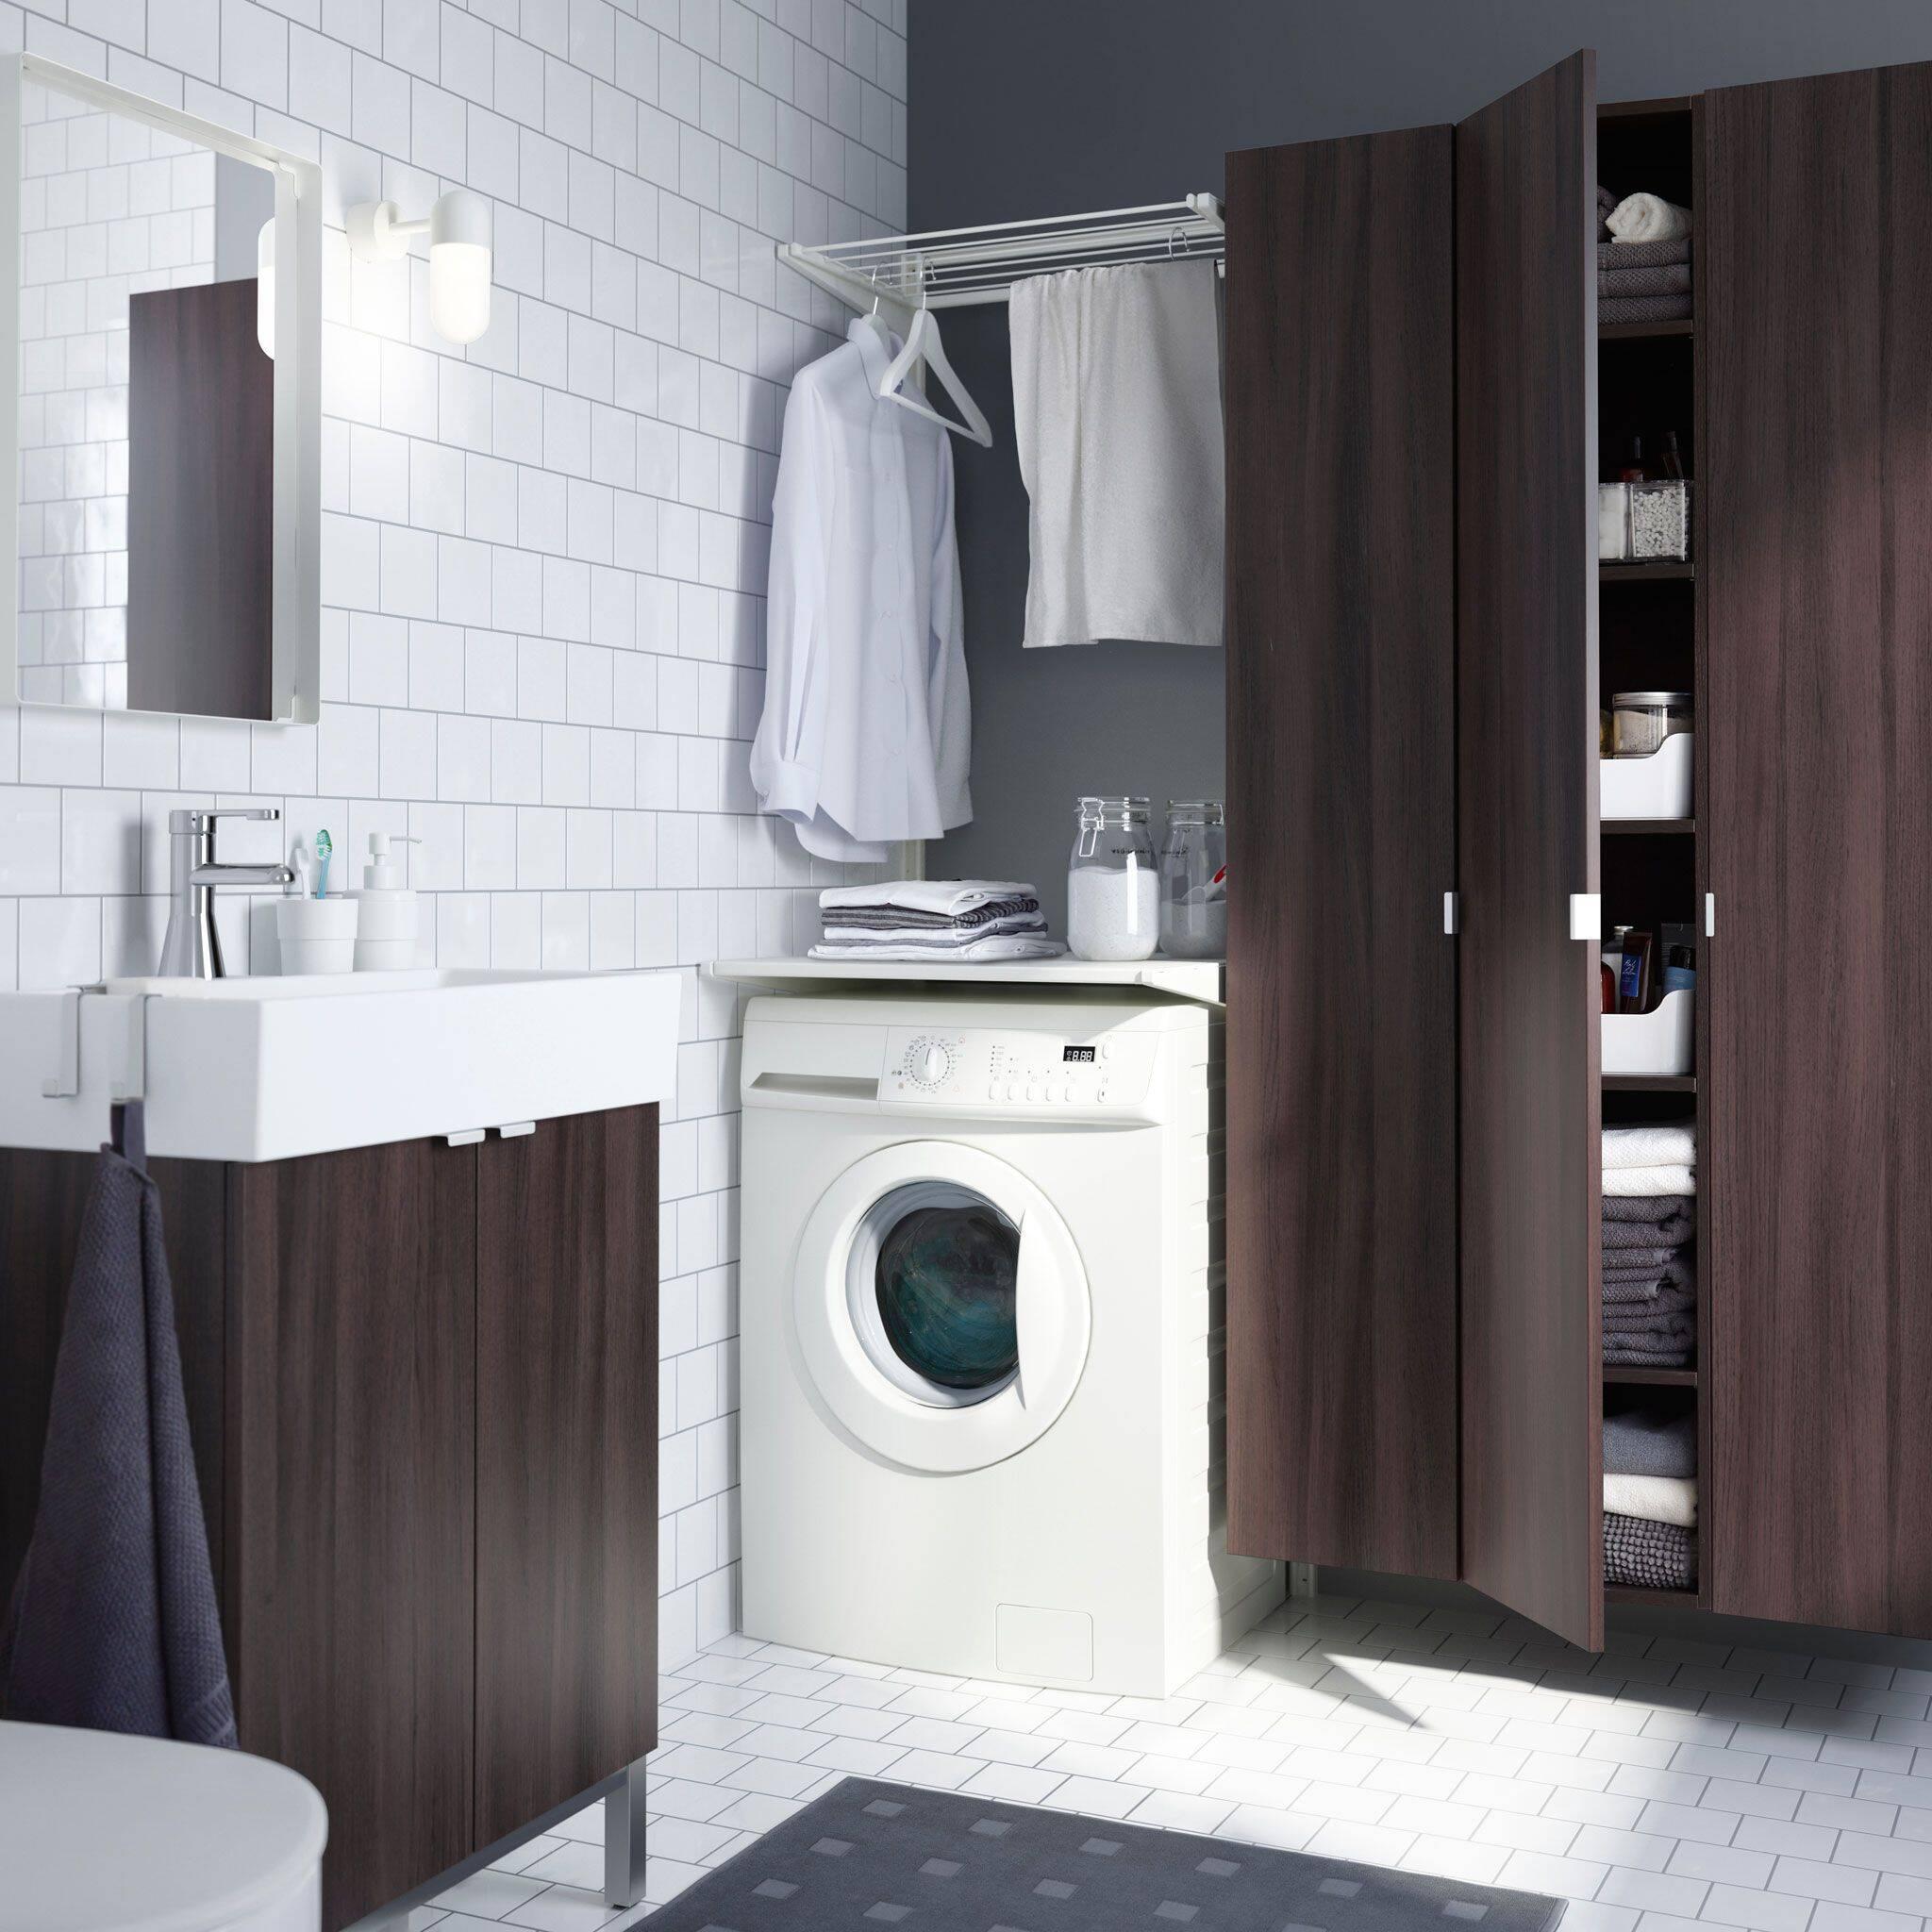 Lavanderia pequena no banheiro